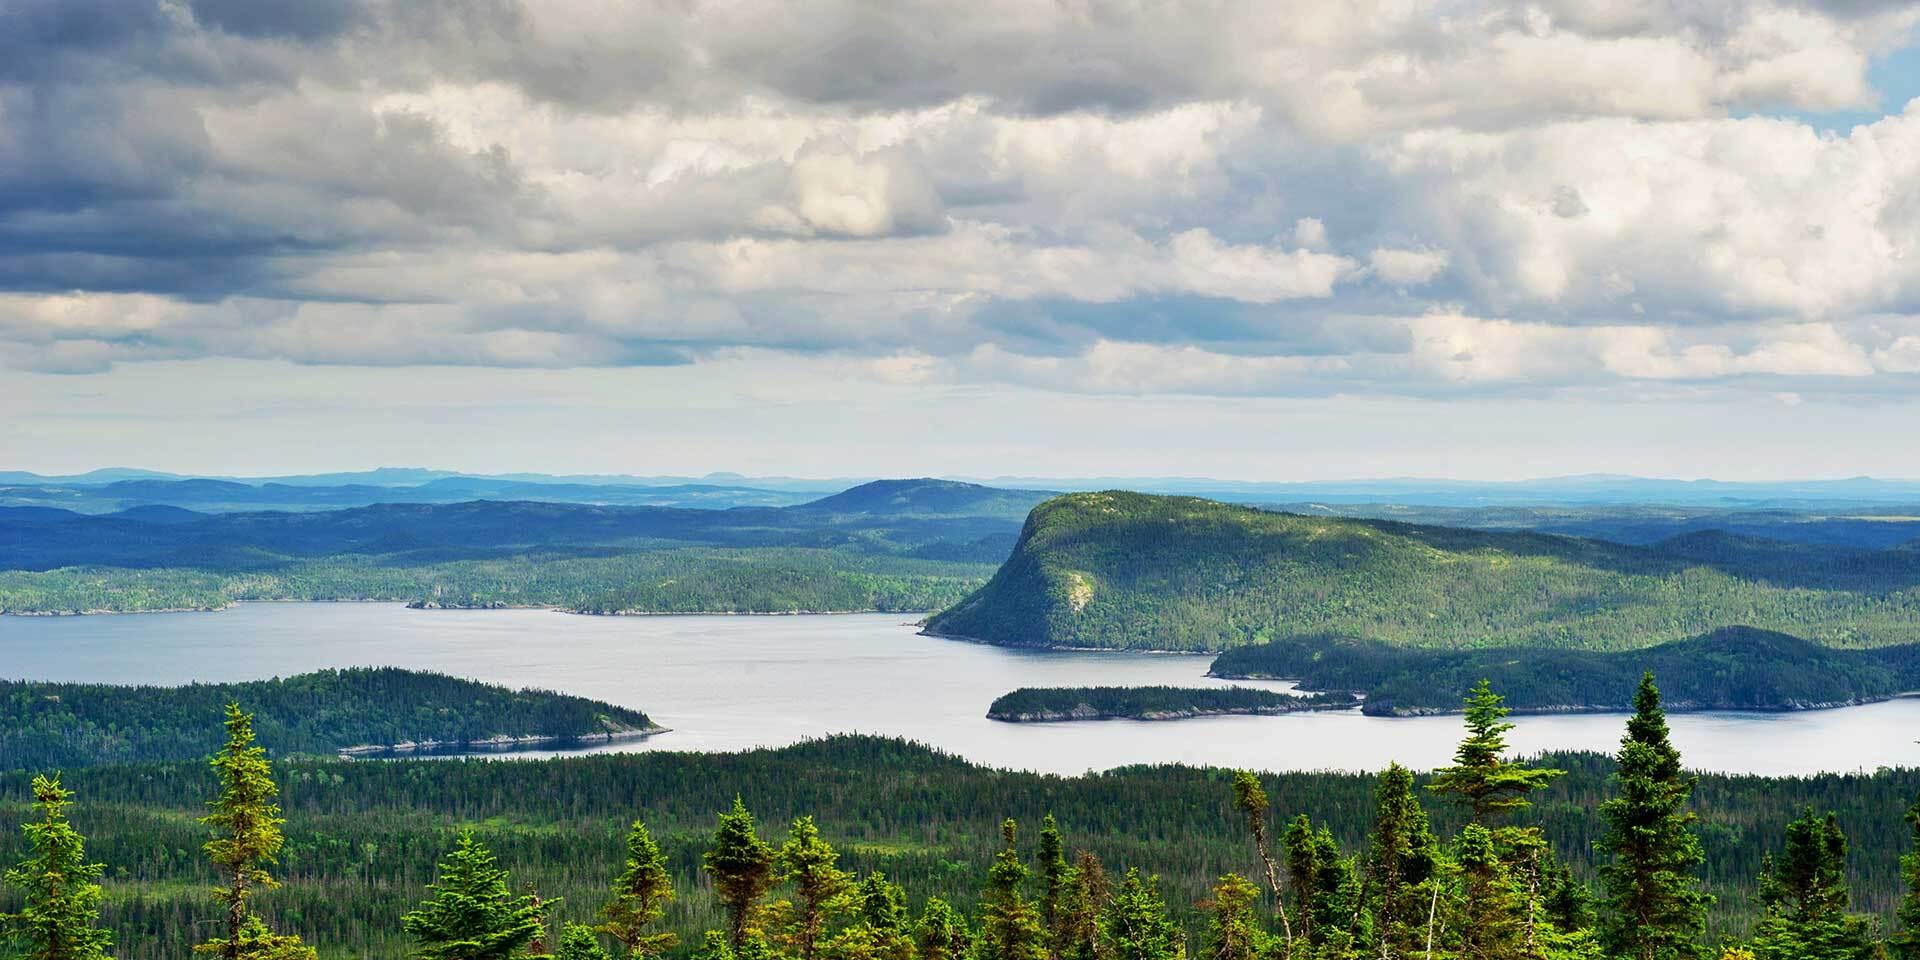 Grün und vielversprechend - ist das heutige Neufundland das «Vinland» Erikssons?